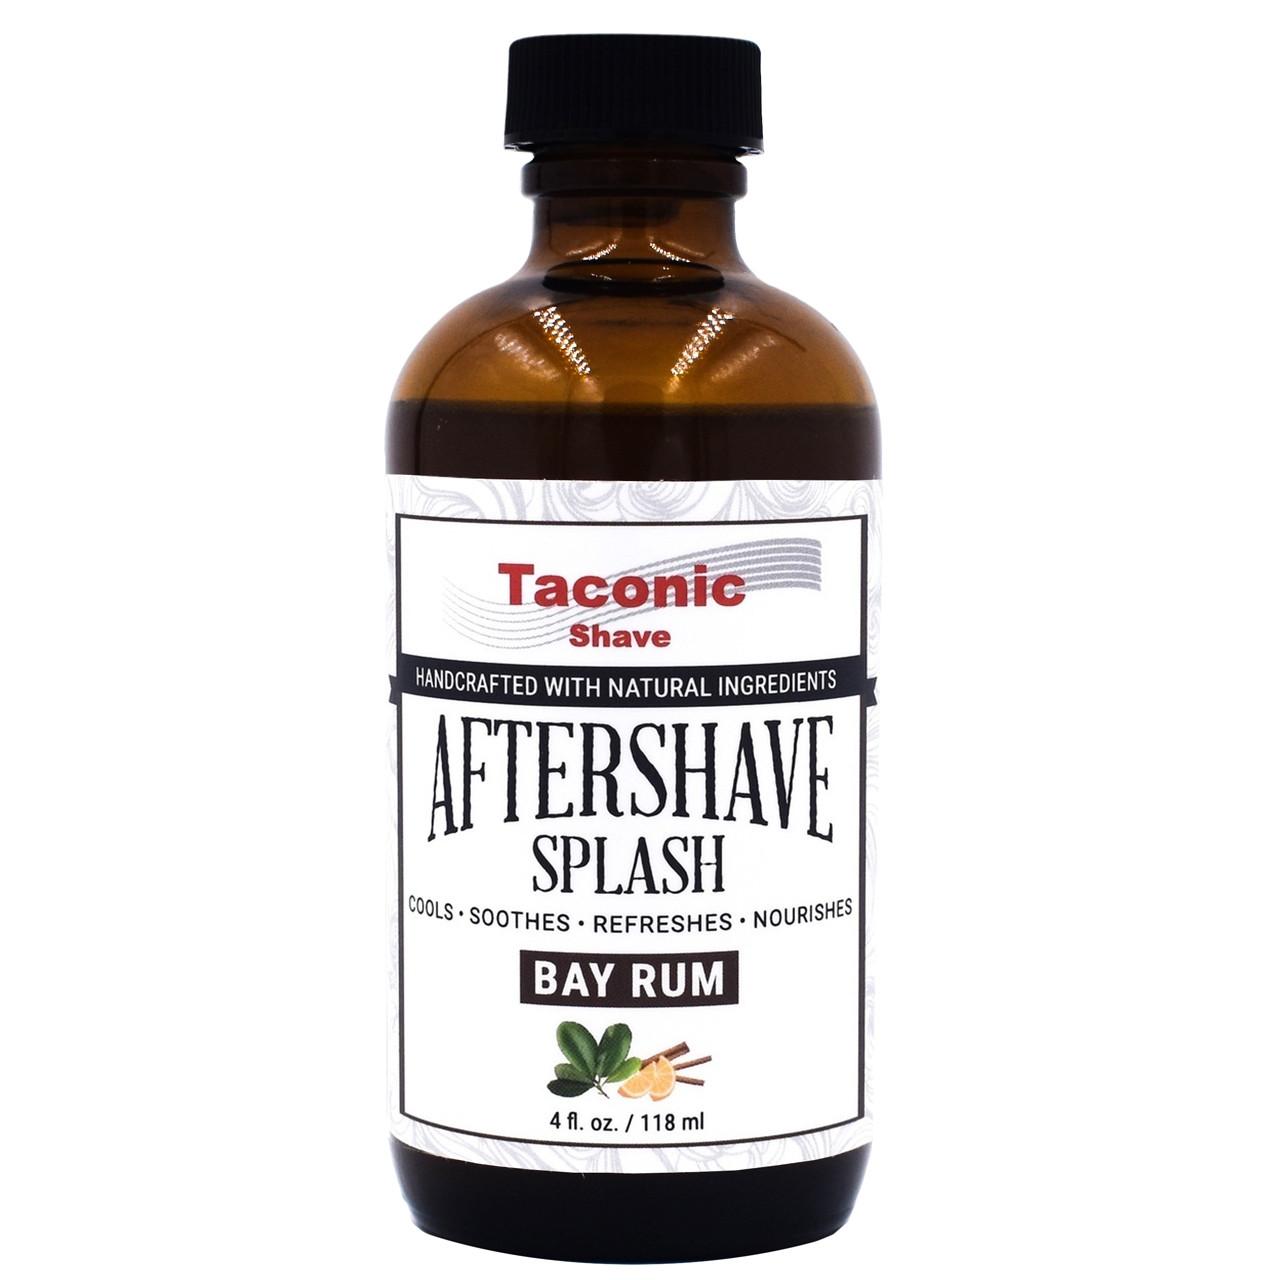 Taconic After Shave Splash, Bay Rum 4oz